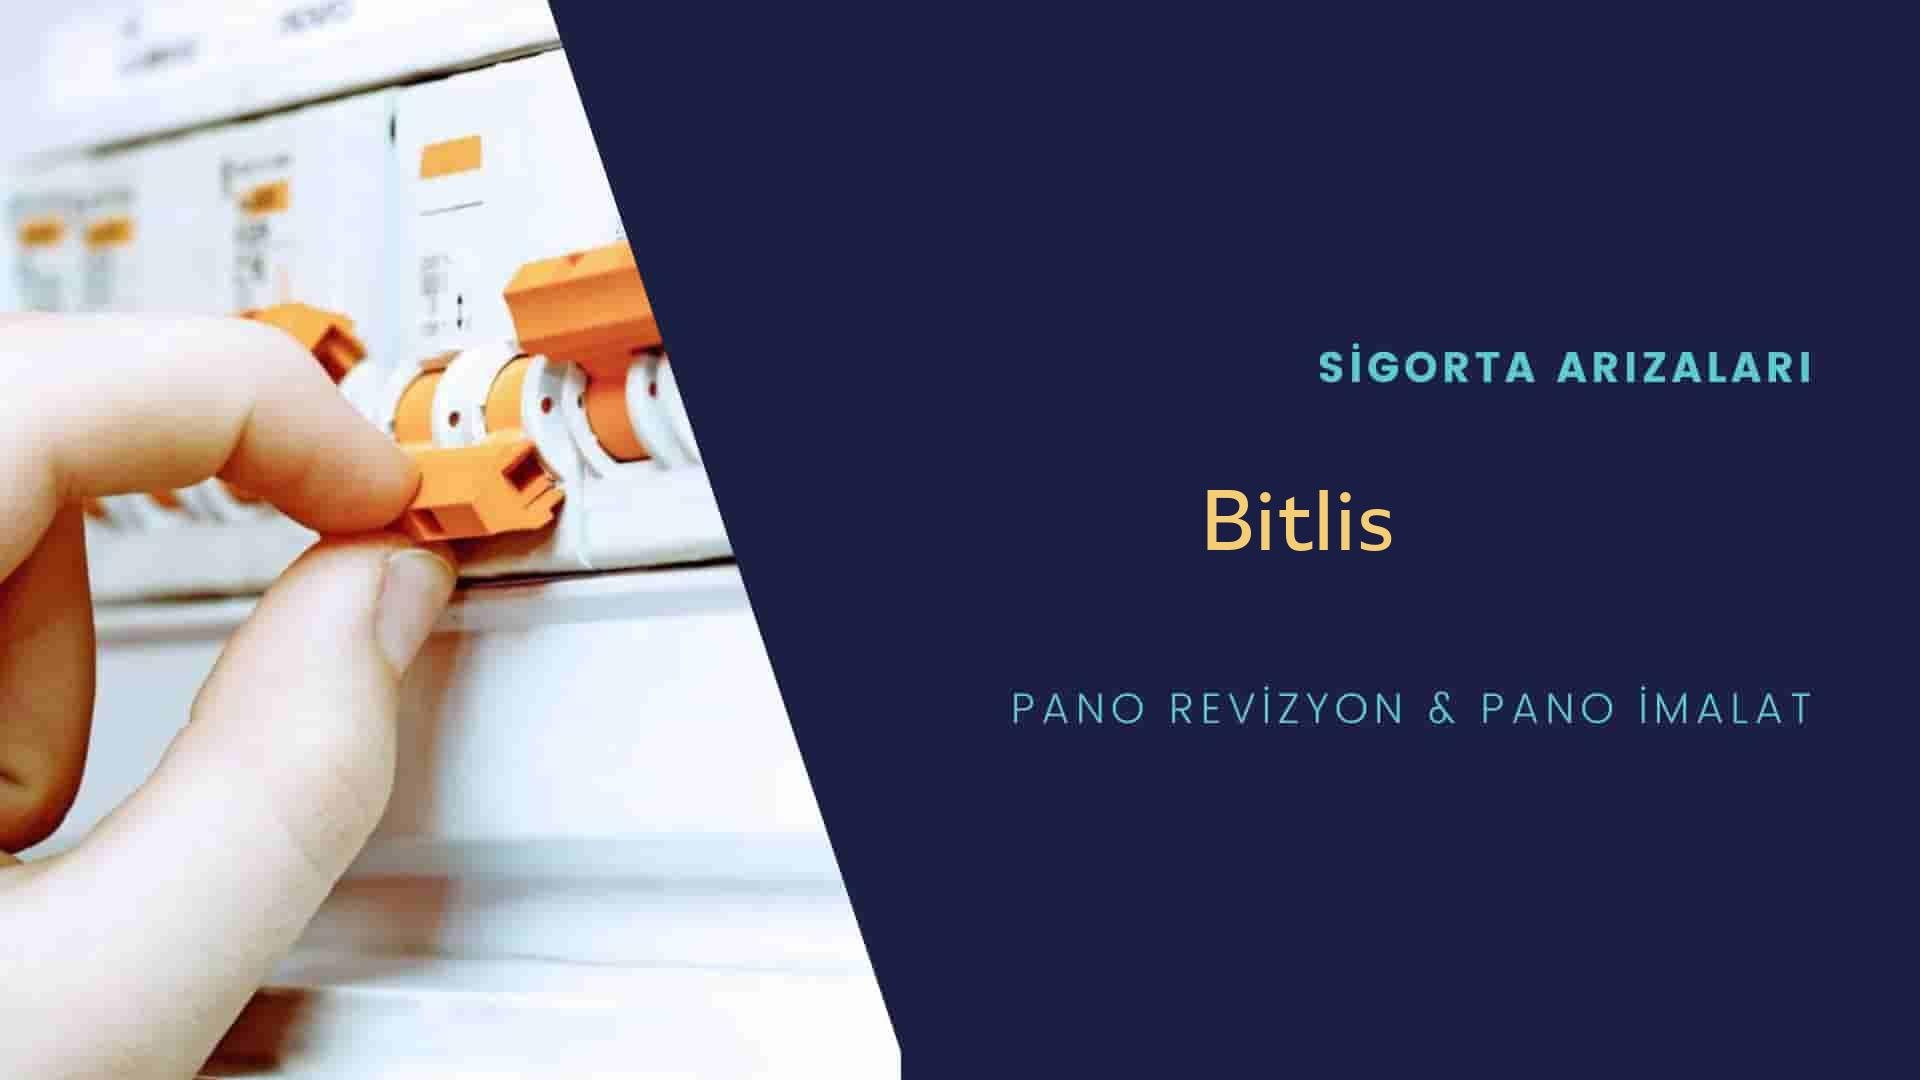 Bitlis Sigorta Arızaları İçin Profesyonel Elektrikçi ustalarımızı dilediğiniz zaman arayabilir talepte bulunabilirsiniz.